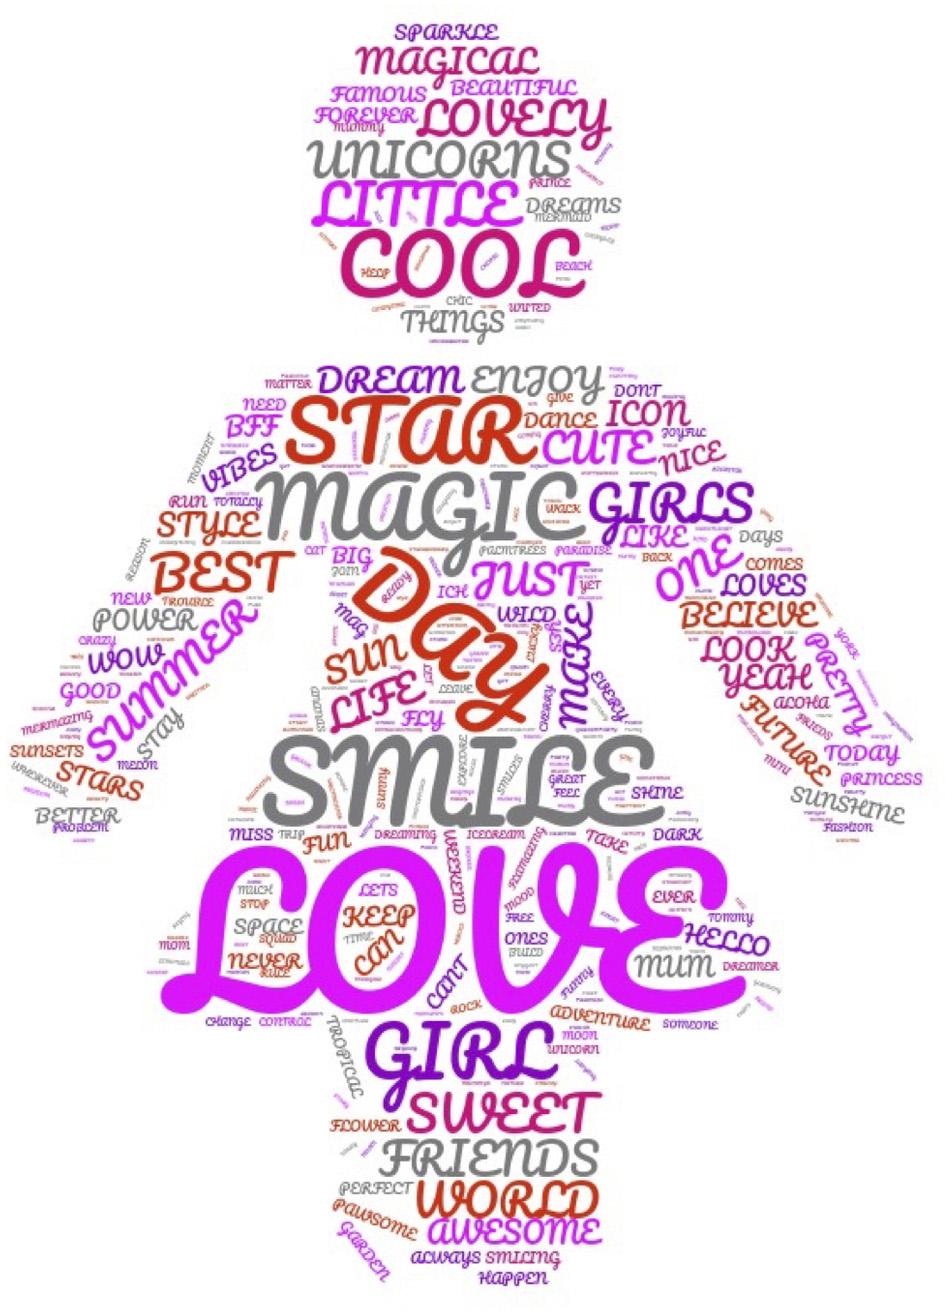 """Wortwolke der häufigsten Aufschriften auf Shirts, die an die Zielgruppe """"Mädchen"""" vermarket werden. Ins Auge fallen Wörter wie love, day, sweet, smile, star, friends, girl, summer."""